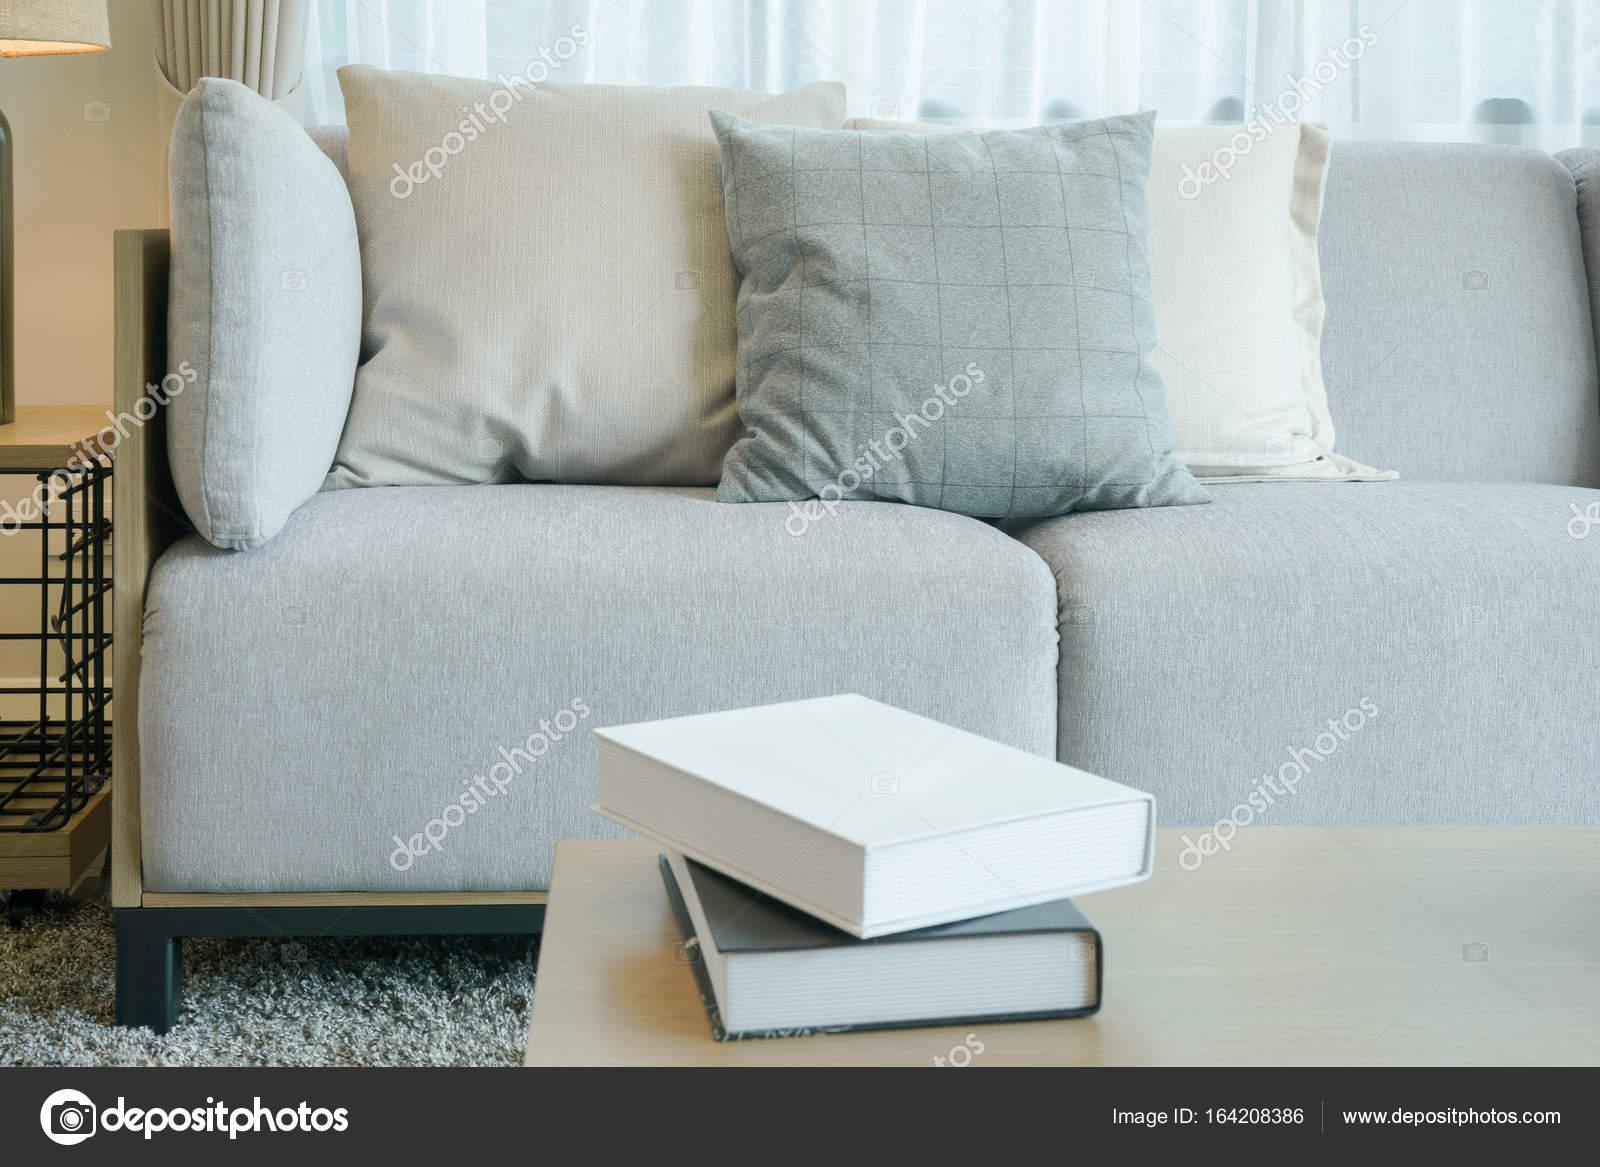 Divano grigio chiaro con cuscini in stile moderno salotto con libri ...